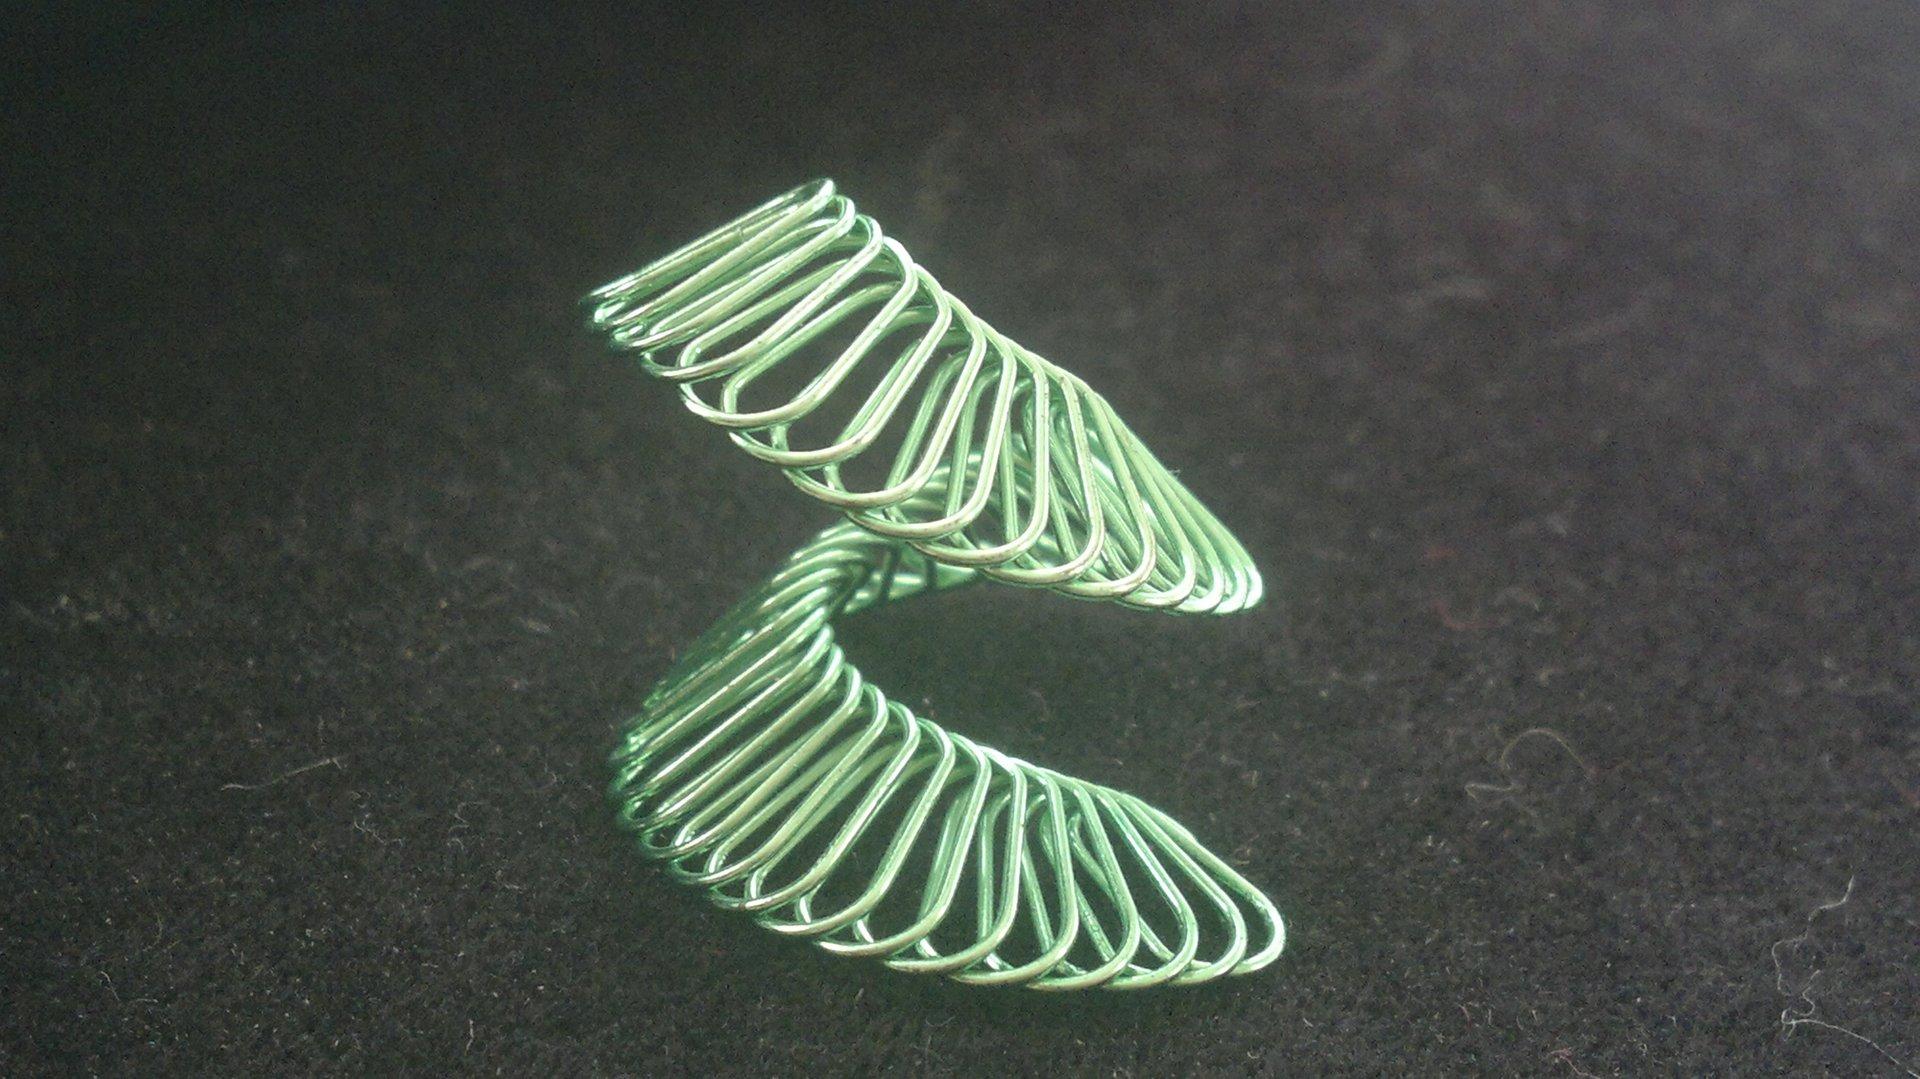 Spirála zelená - řidčí zelená bronz